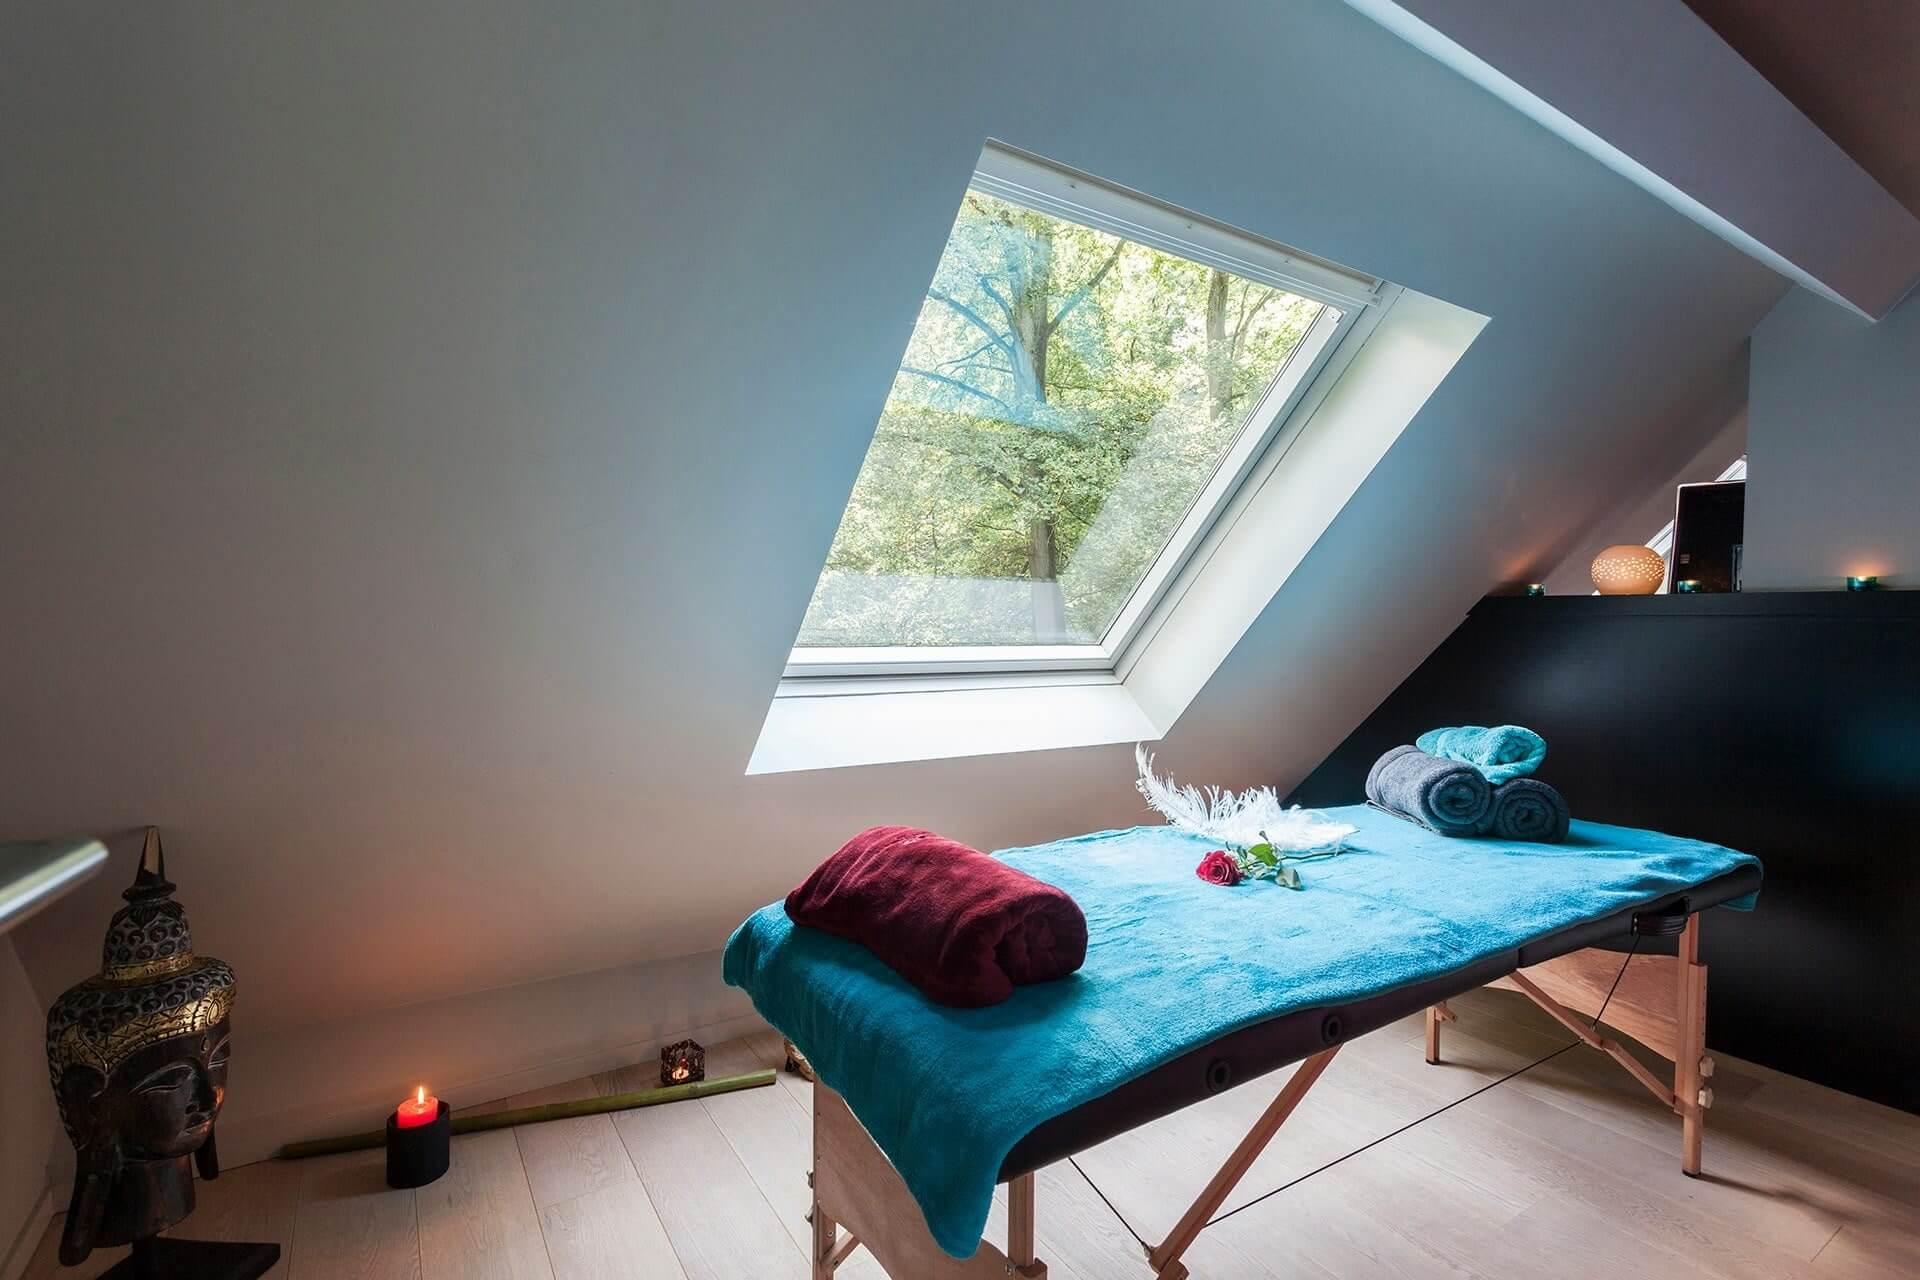 Massages au 1001 nuits chambre d 39 h tes brabant wallon - Chambre d hote massage tantrique ...